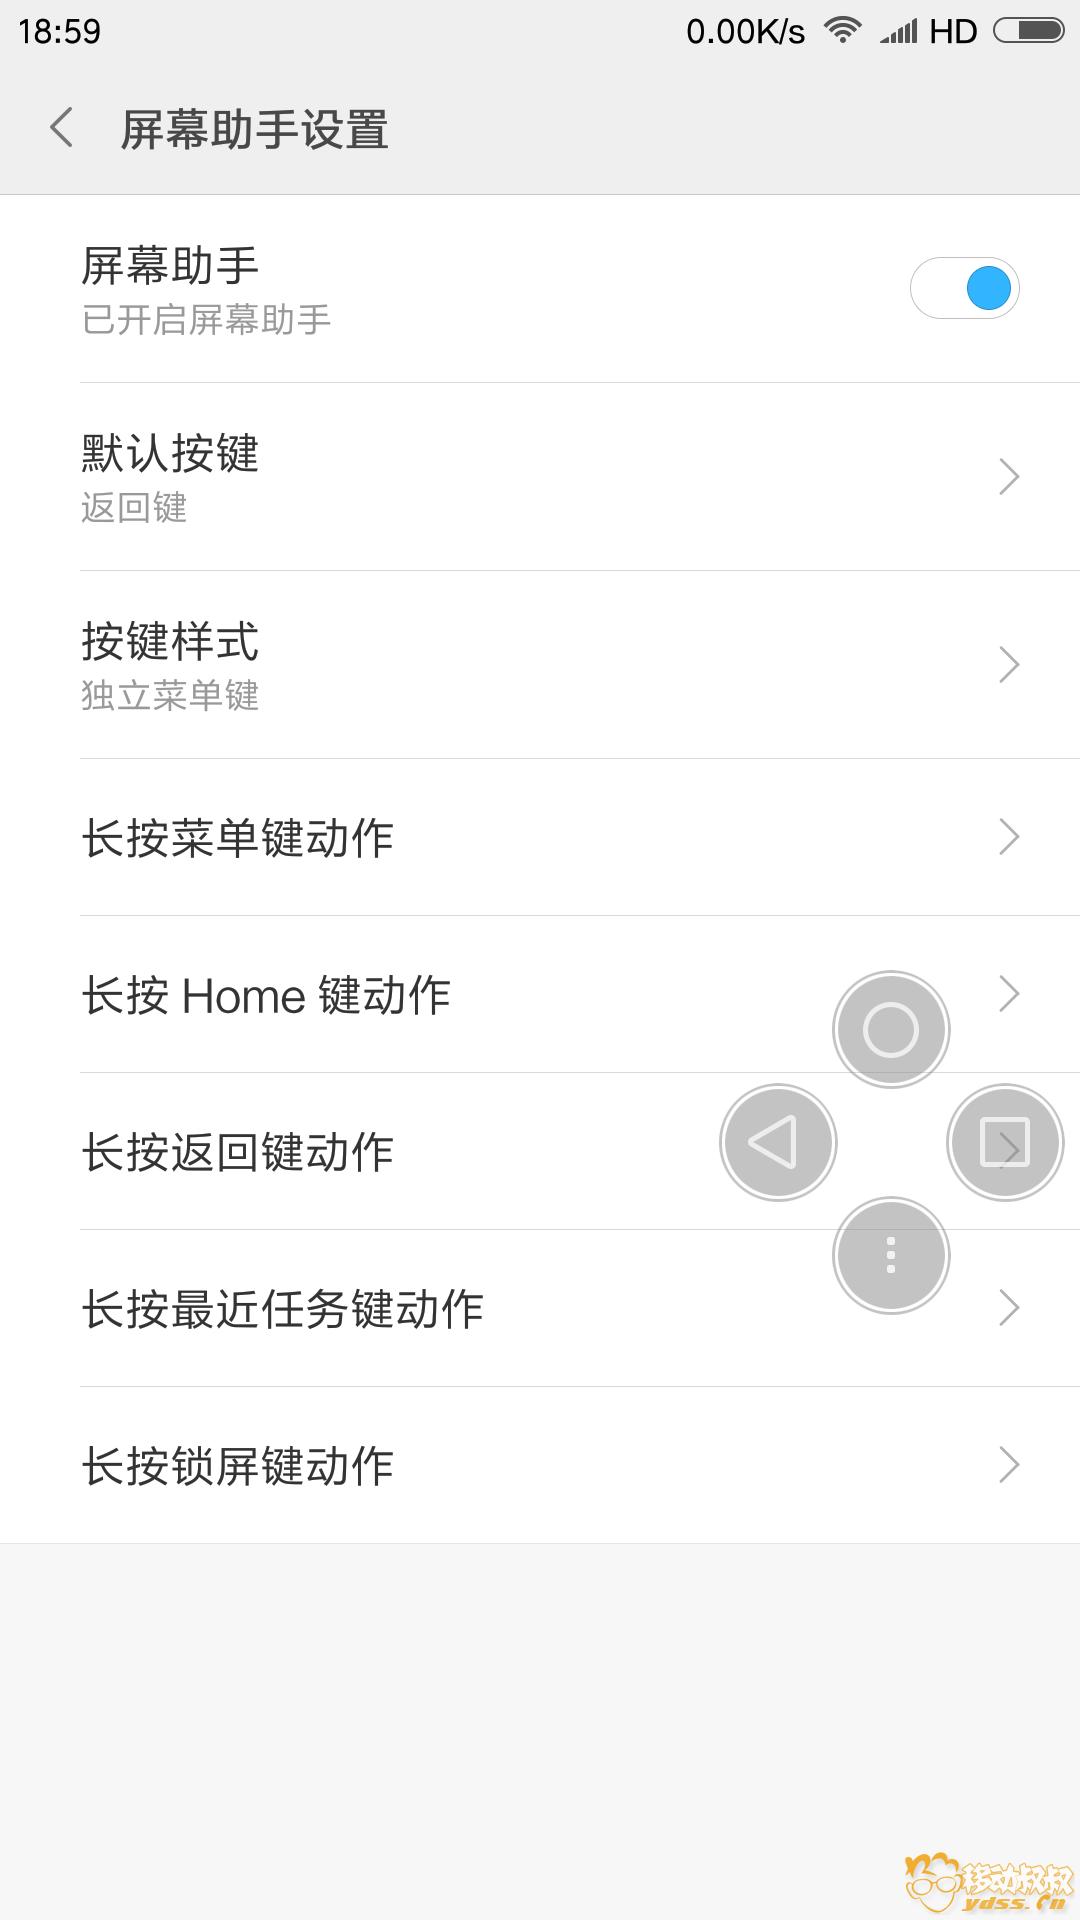 Screenshot_2017-10-12-18-59-03-625_com.kangvip.tools.png